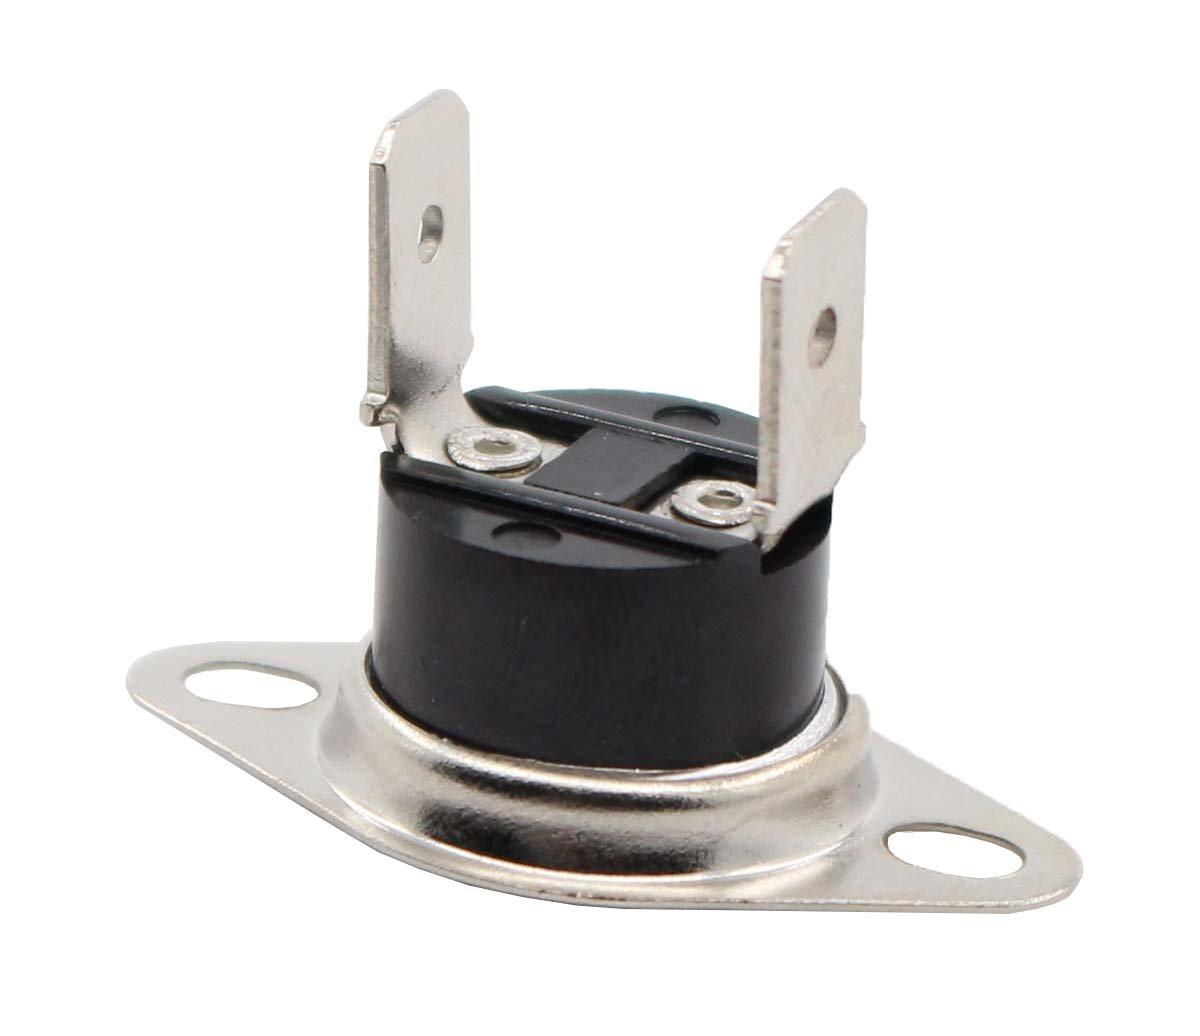 Amazon.com: XA Nueva ksd-150lc bimetal Fusible Térmico para ...